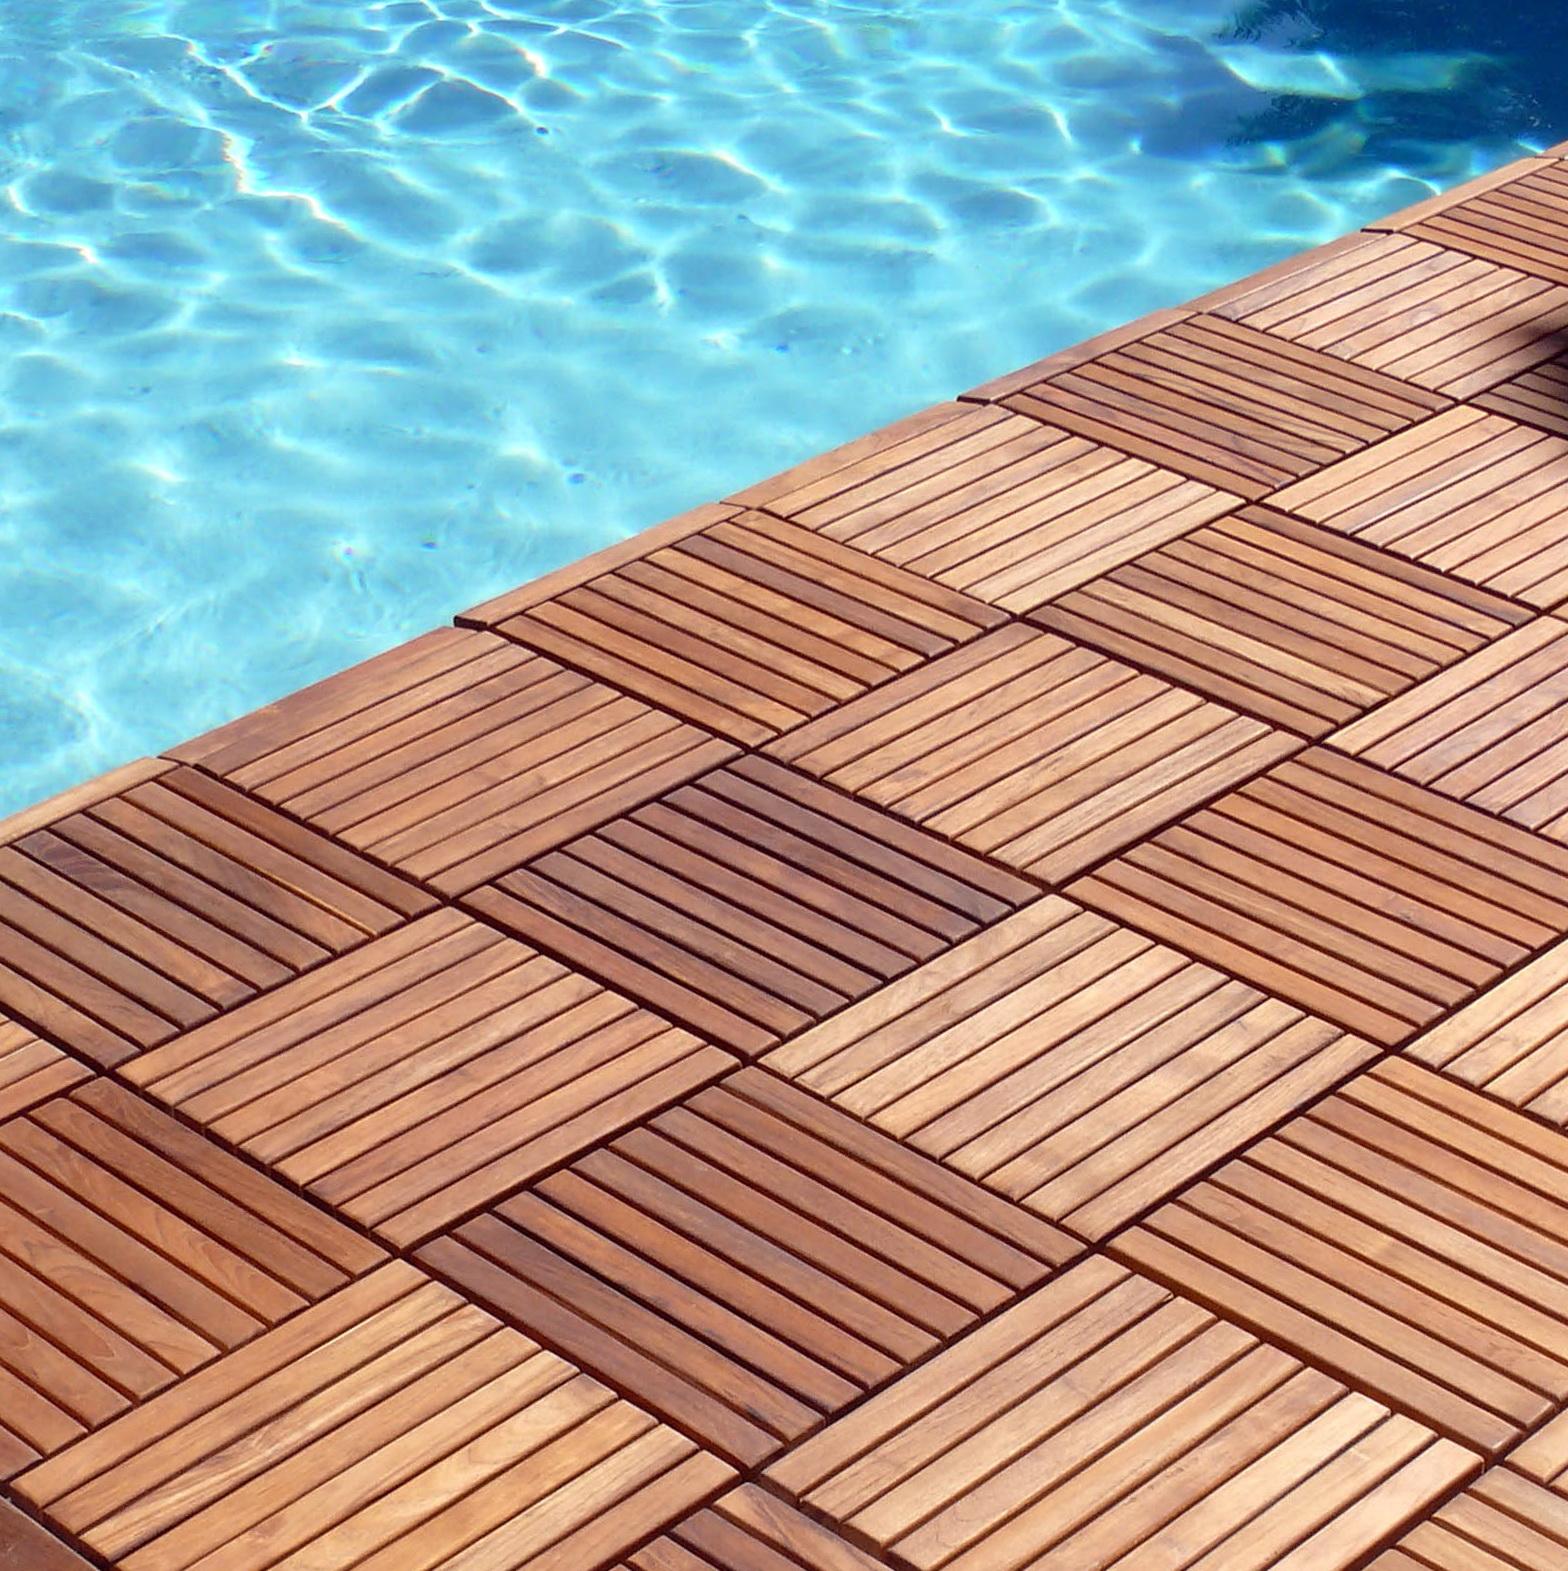 Outdoor Wooden Deck Tiles